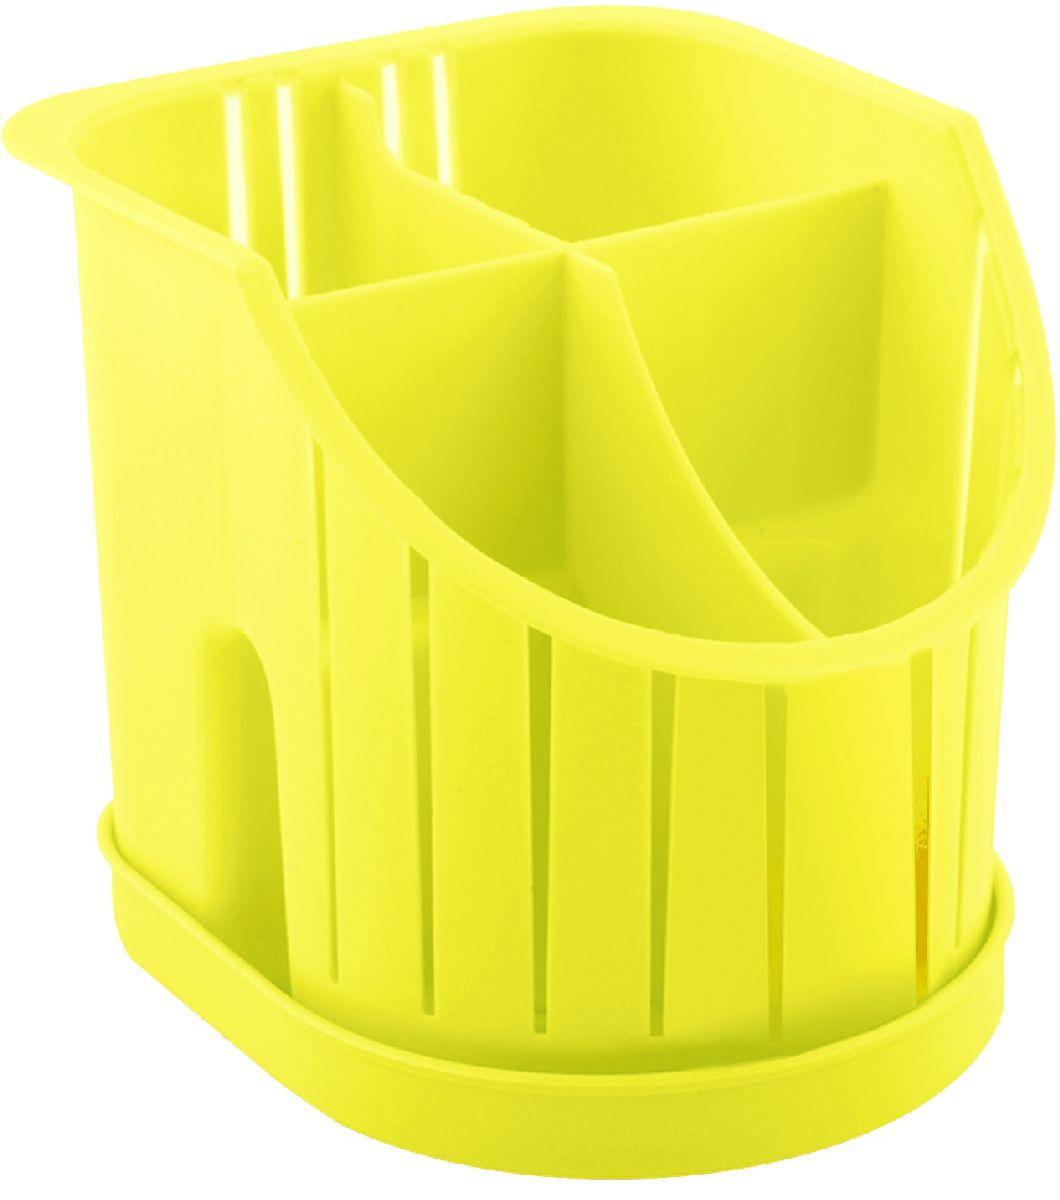 Сушилка для столовых приборов Plastic Centre, 4-секционная, цвет: желтый, 16 х 14,2 х 12,8 смПЦ1550ЛМНСушилка для столовых приборов пригодится на любой кухне. Четыре секции позволят сушить или хранить столовые приборы по отдельности (ножи, вилки, ложки и т.п.). Сушилка снабжена поддоном.